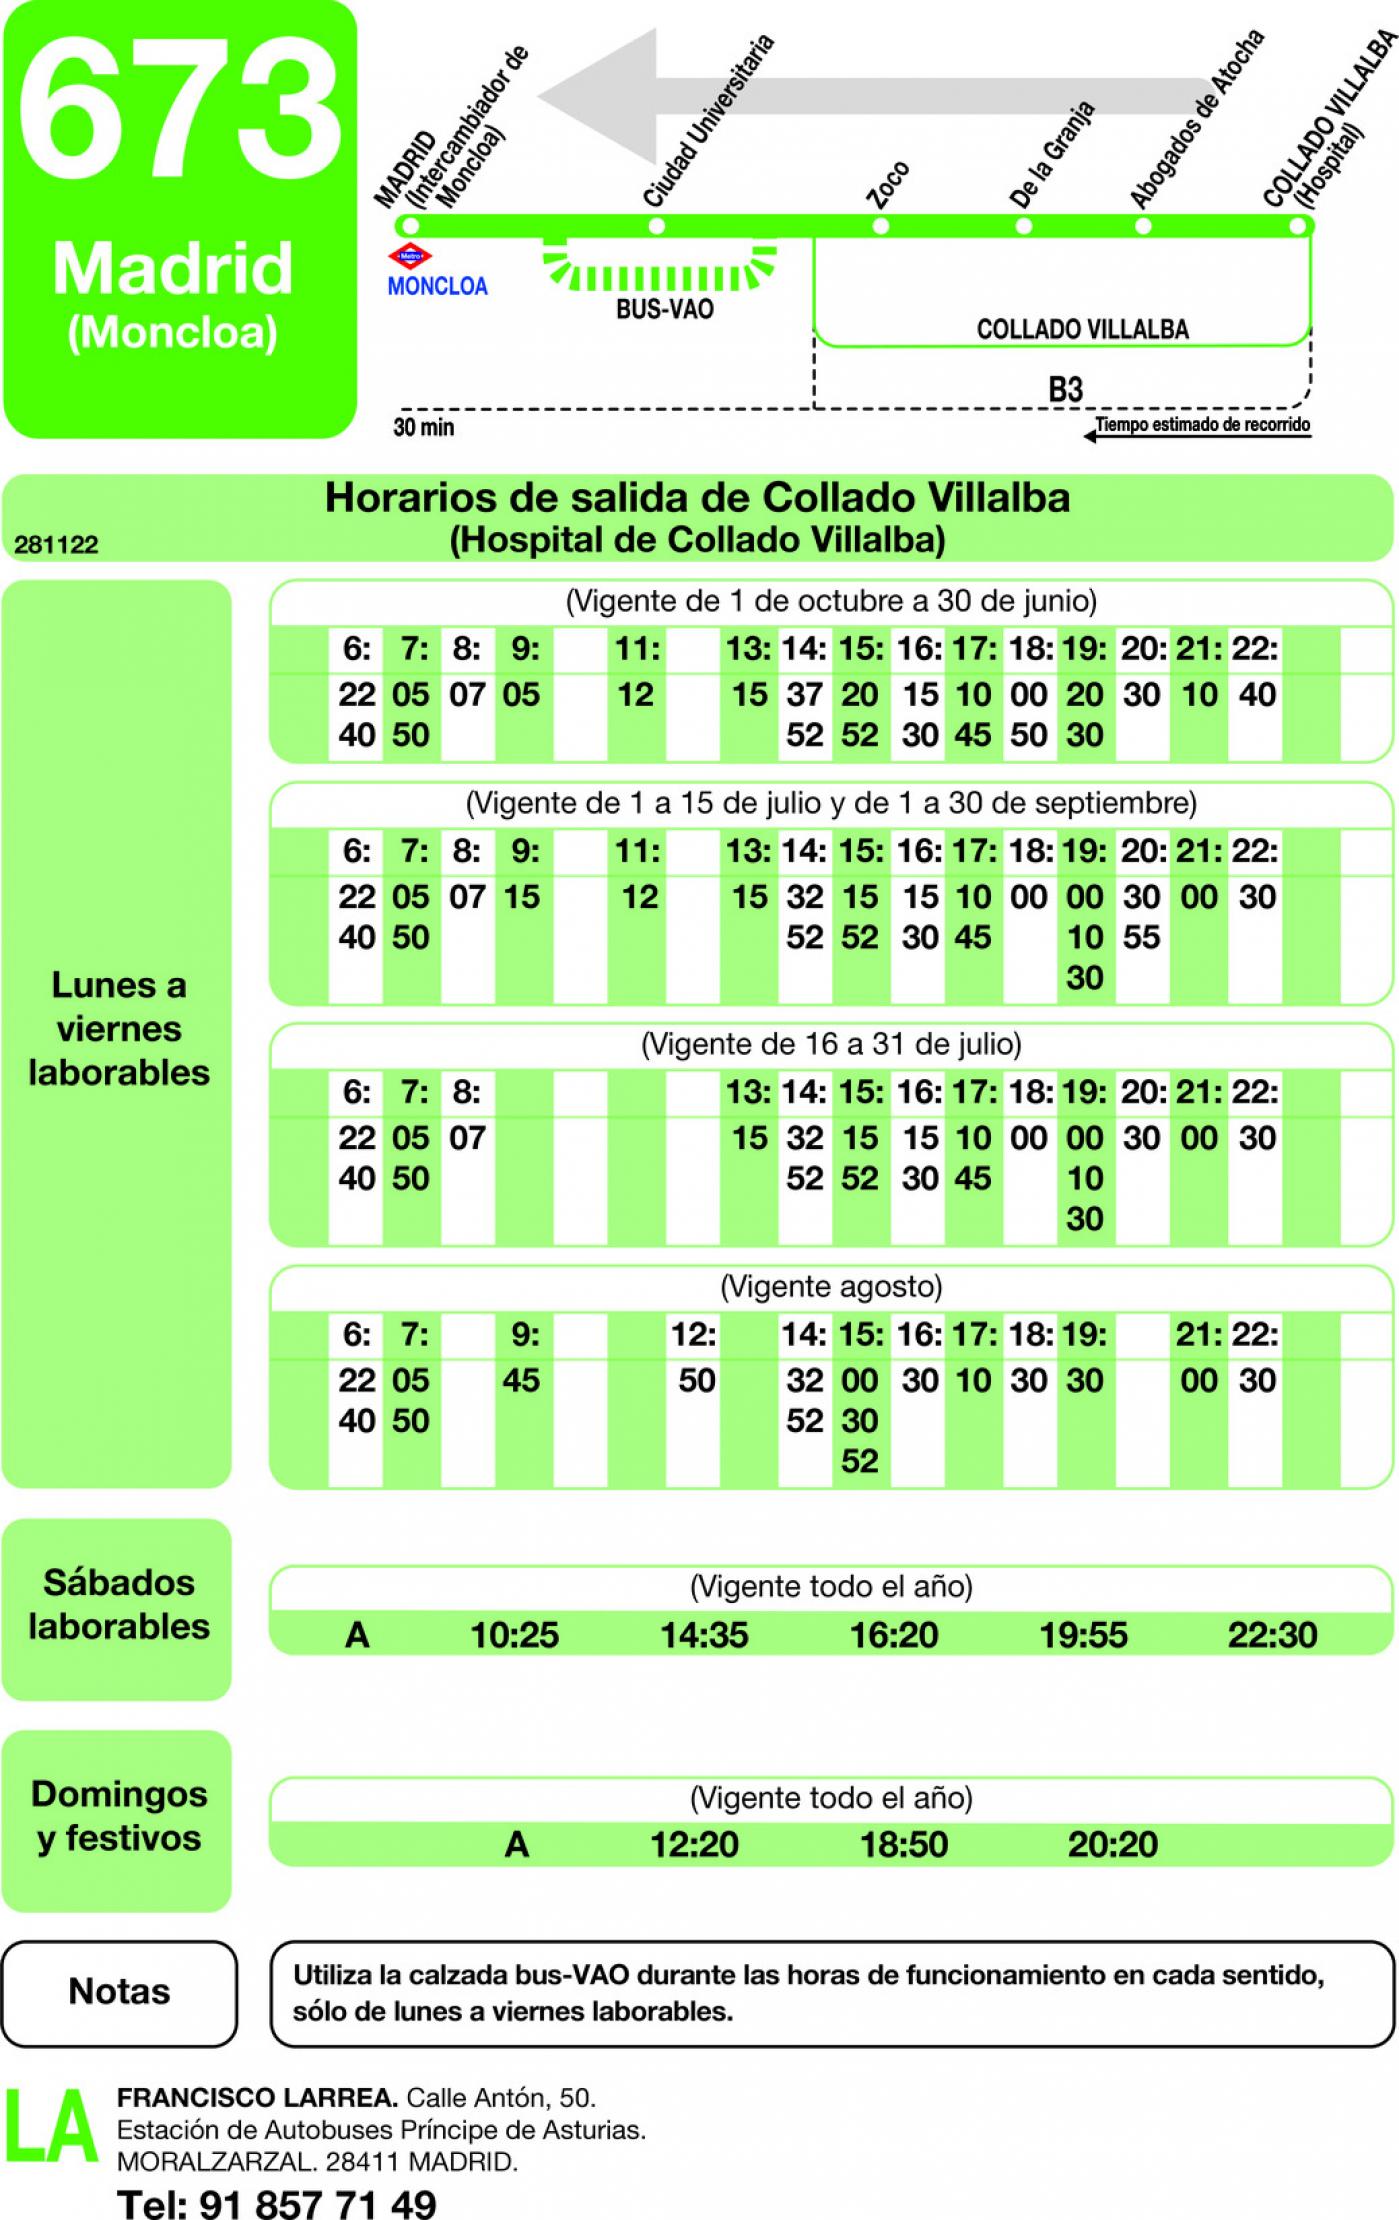 Tabla de horarios y frecuencias de paso en sentido vuelta Línea 673: Madrid (Moncloa) - Collado Villalba (Los Valles)